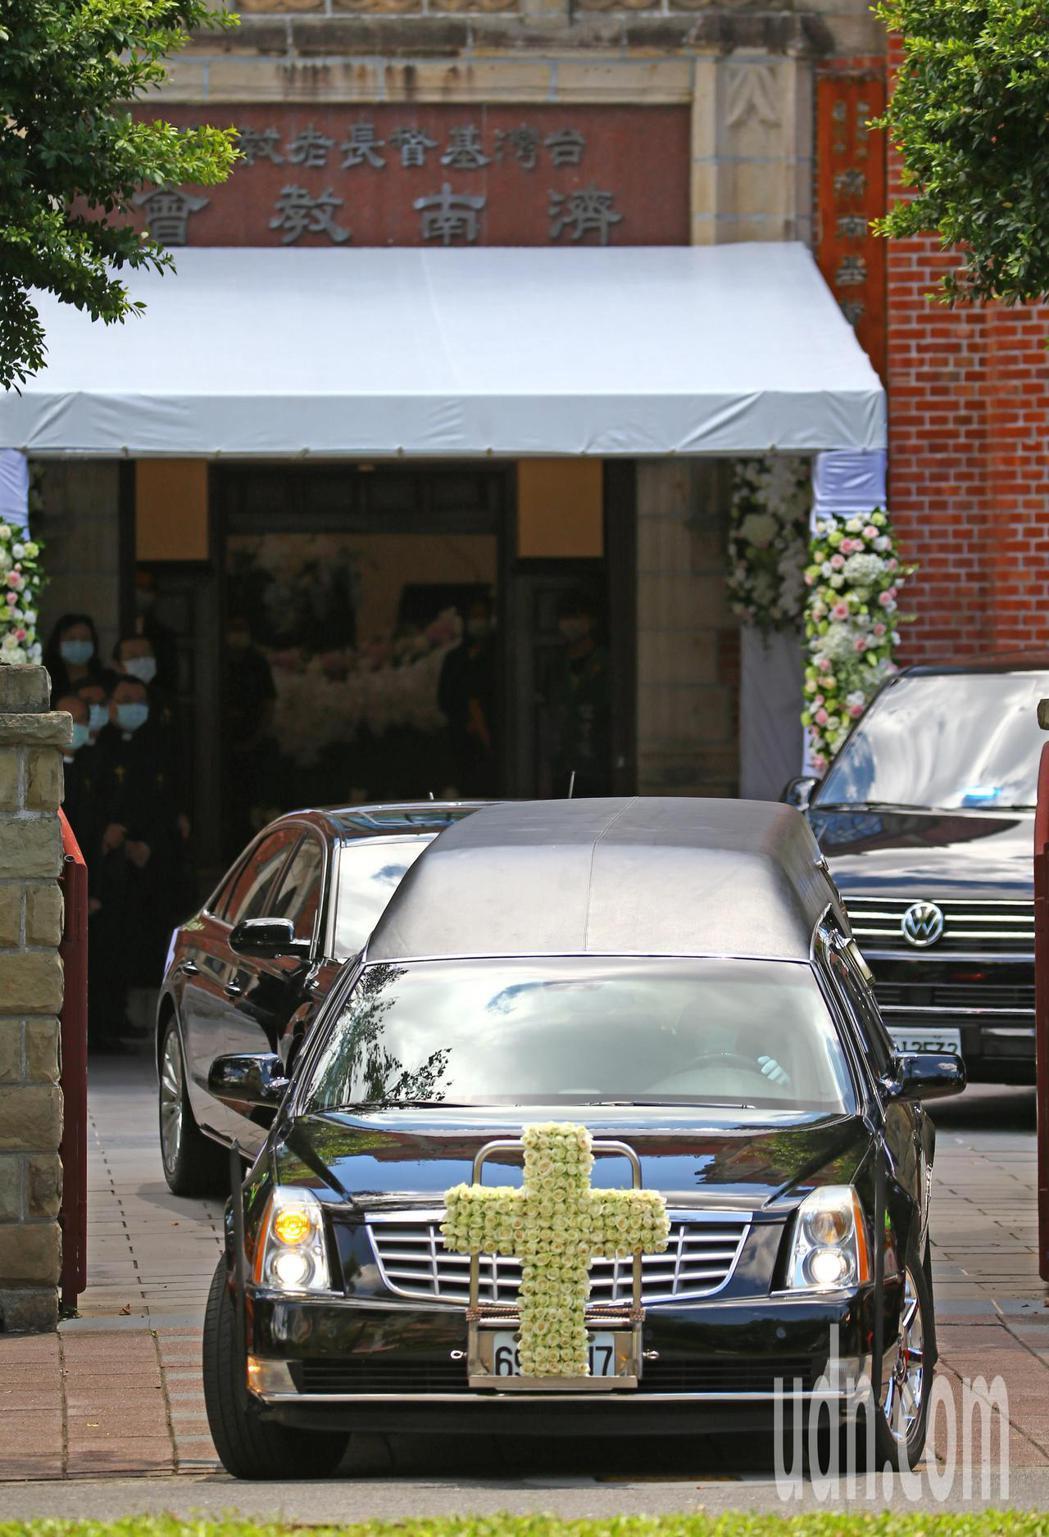 故前總統李登輝今天在台北濟南教會舉行入殮火化追思禮拜。結束追思禮拜後,出殯車隊出...